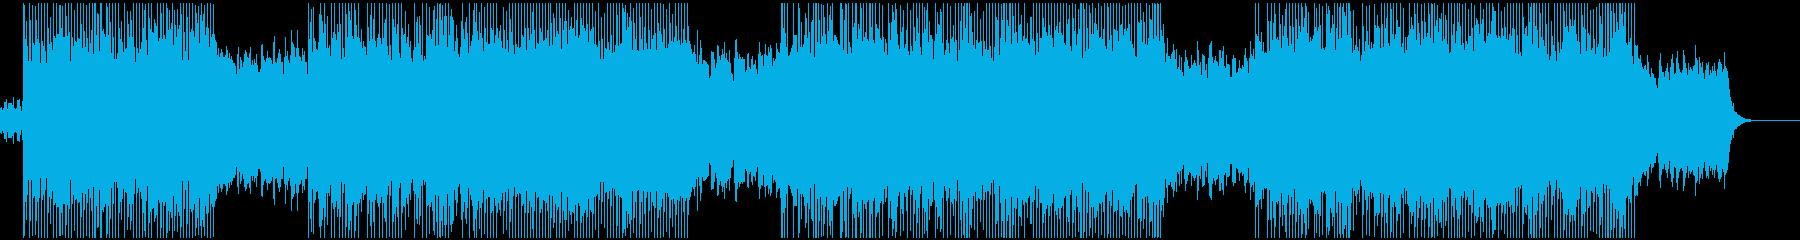 電子音楽 和風の再生済みの波形